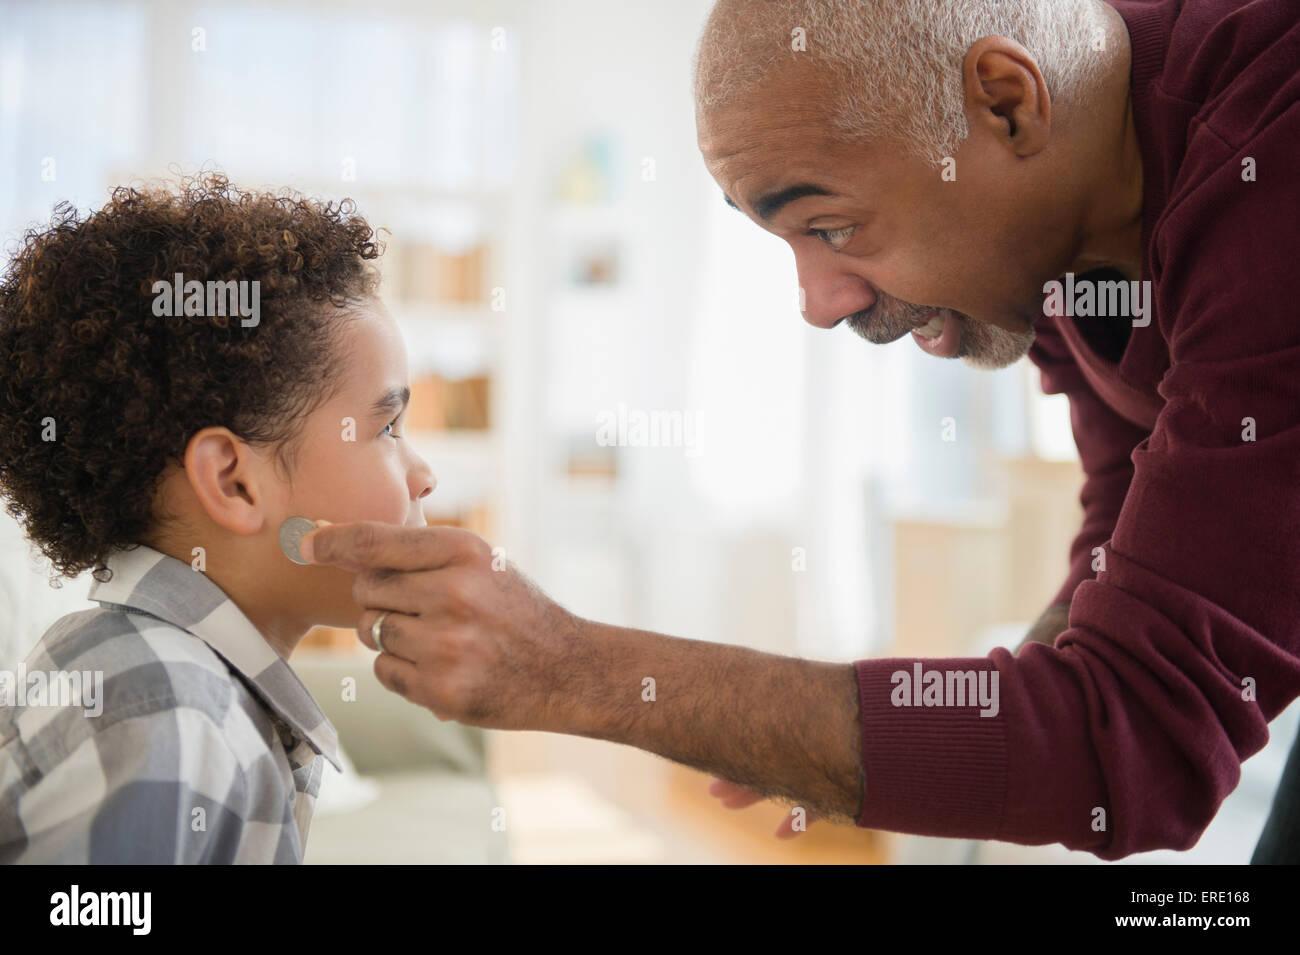 Razza mista nonno tirando magic moneta da orecchio del nipote Foto Stock